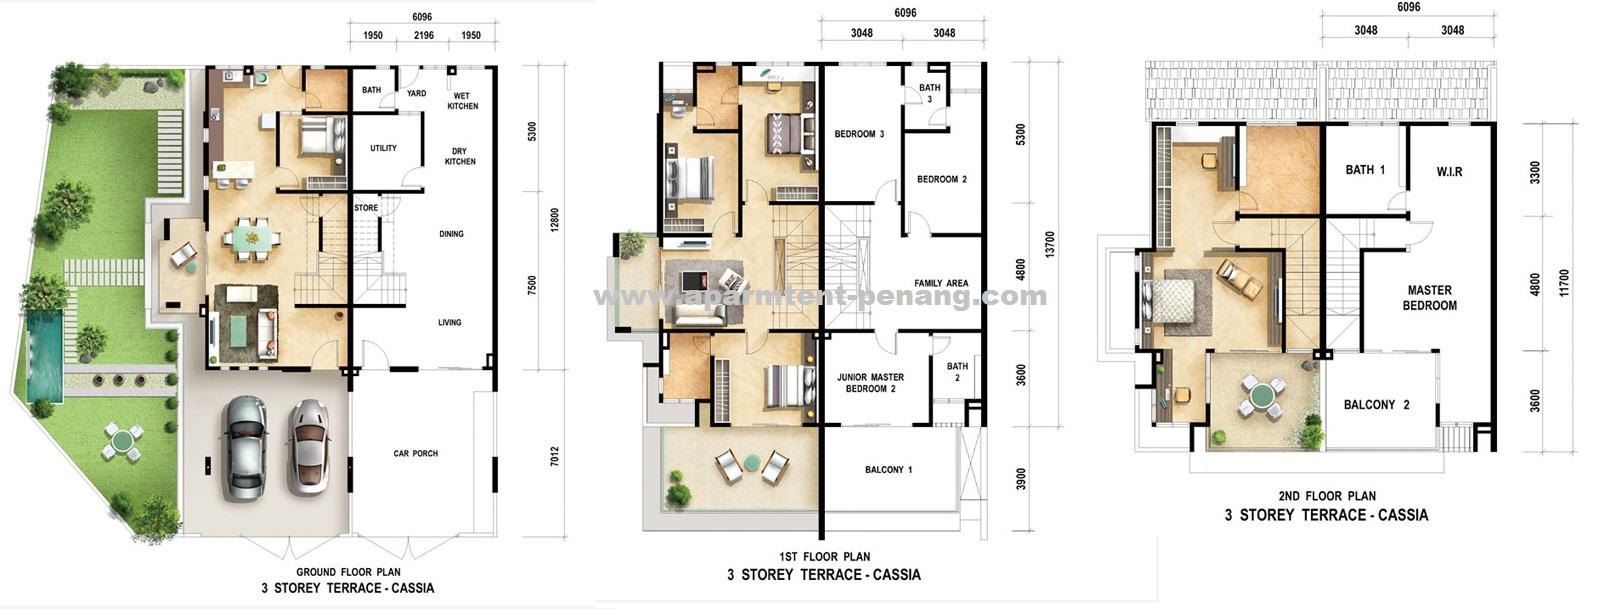 Cassia setia greens apartment for Terrace 9 classic penang